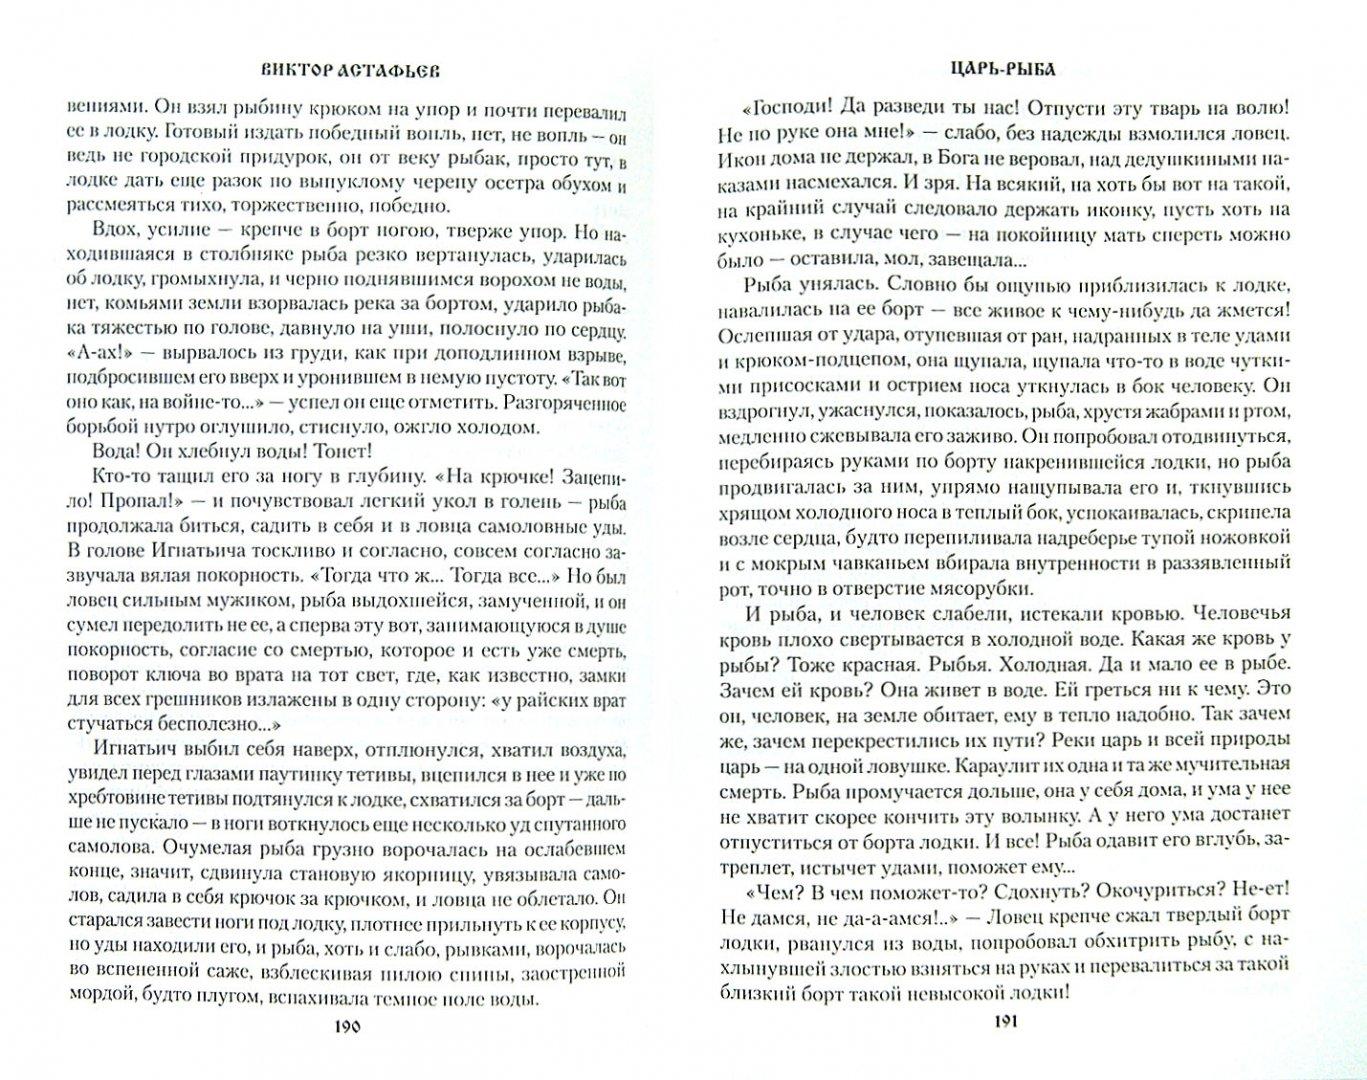 Иллюстрация 1 из 31 для Царь-рыба - Виктор Астафьев   Лабиринт - книги. Источник: Лабиринт